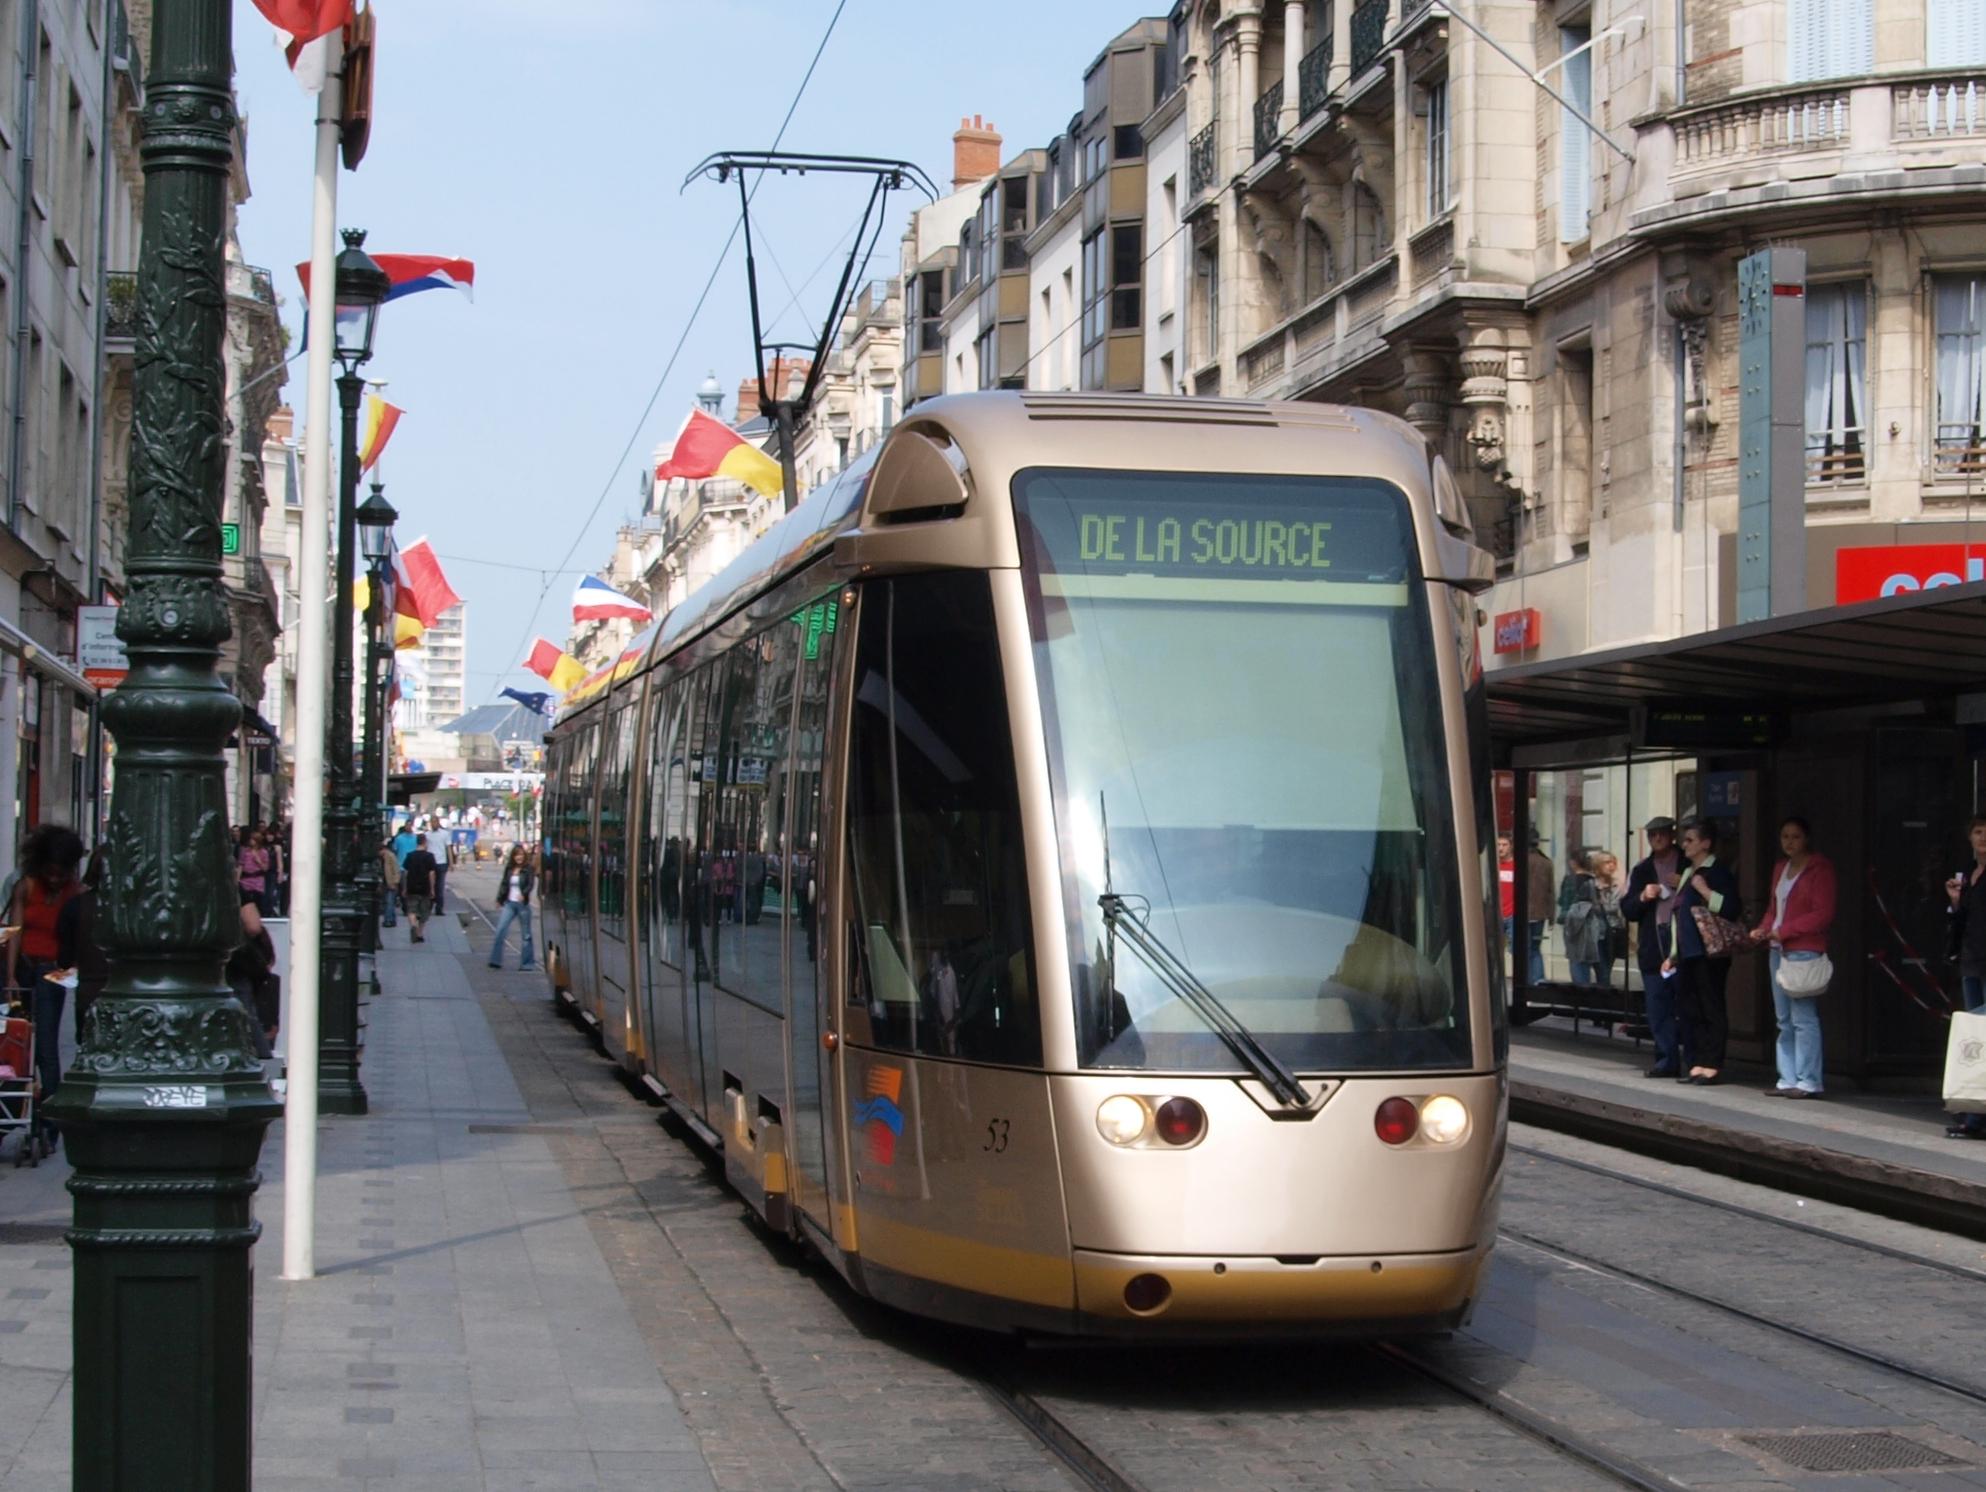 file tram at orleans france car 53 direction de la source jpg wikimedia commons. Black Bedroom Furniture Sets. Home Design Ideas